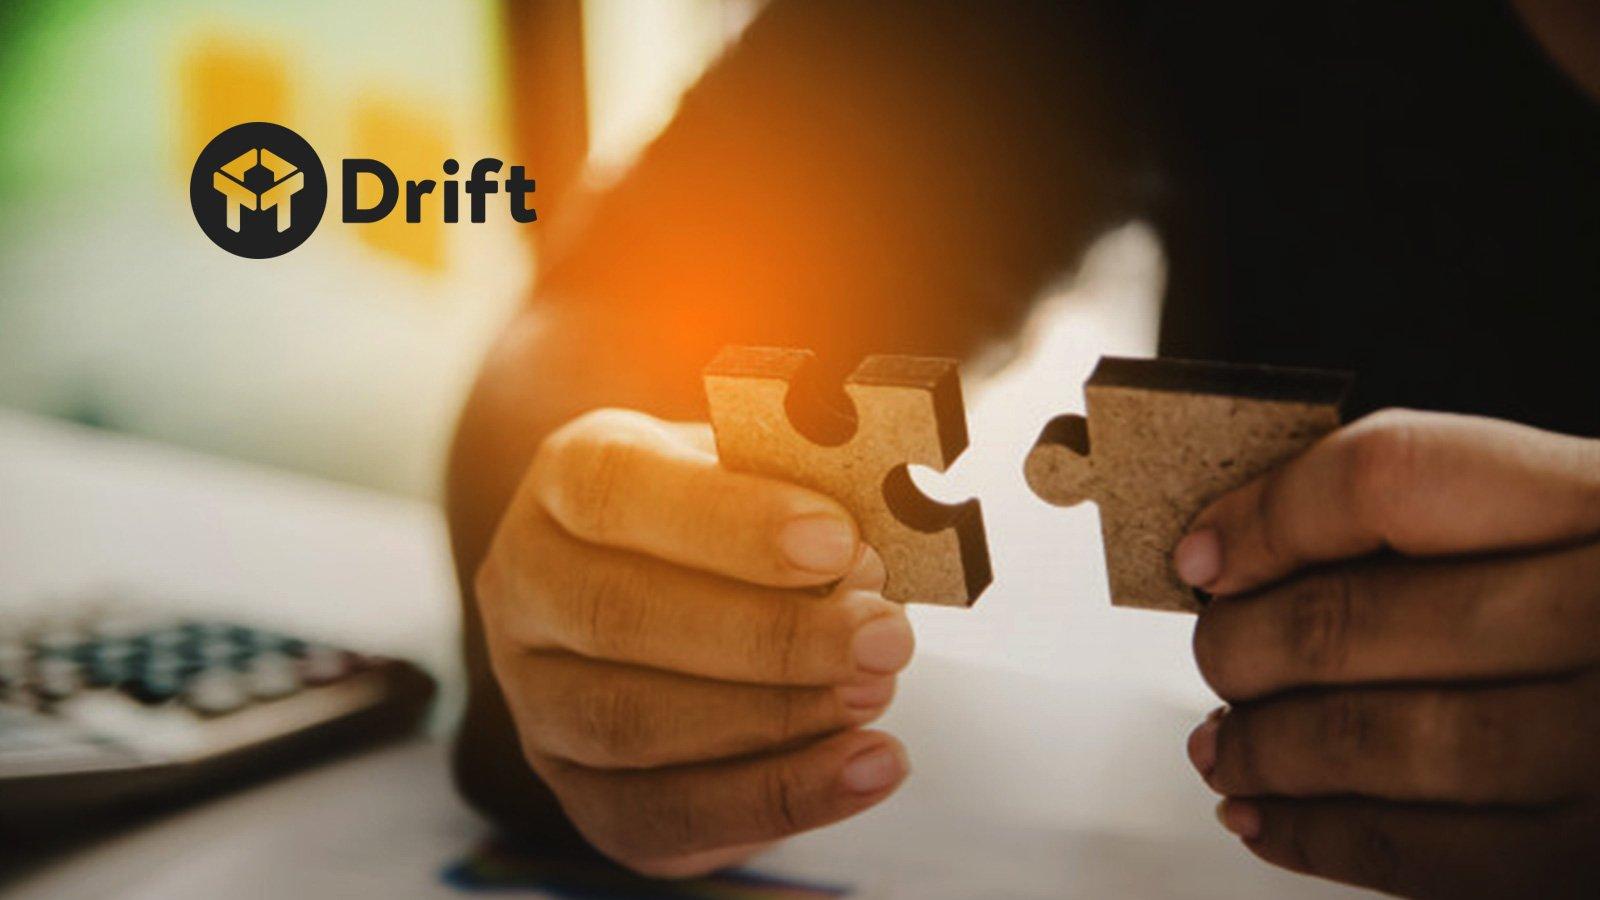 Drift Expands Beyond Conversational Marketing